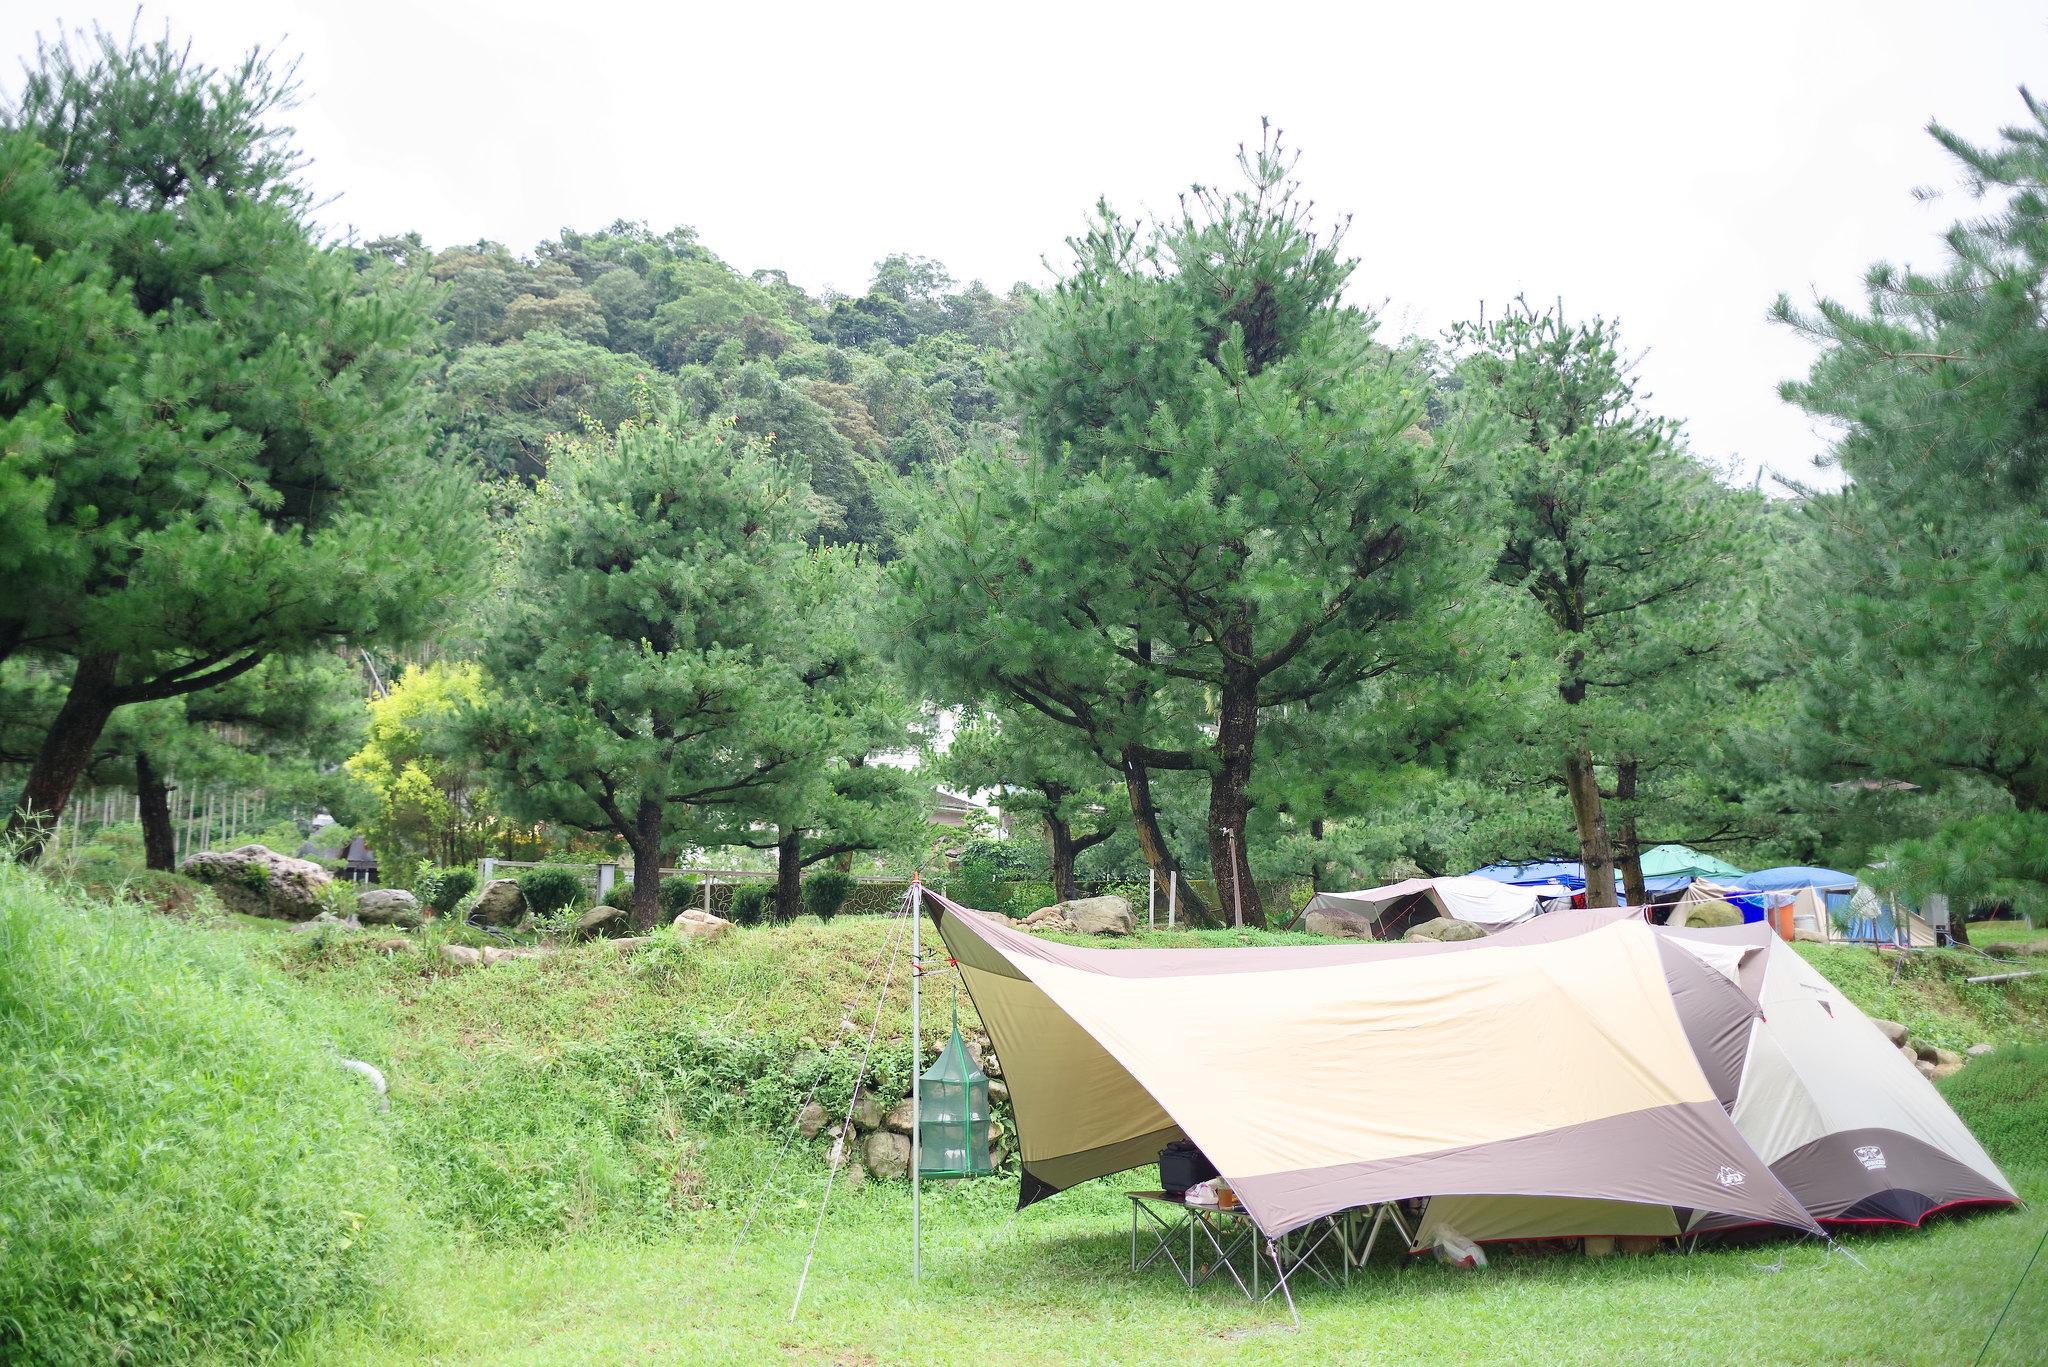 K-1 + FA*28-70mm F2.8 雙十雨天露營紀錄